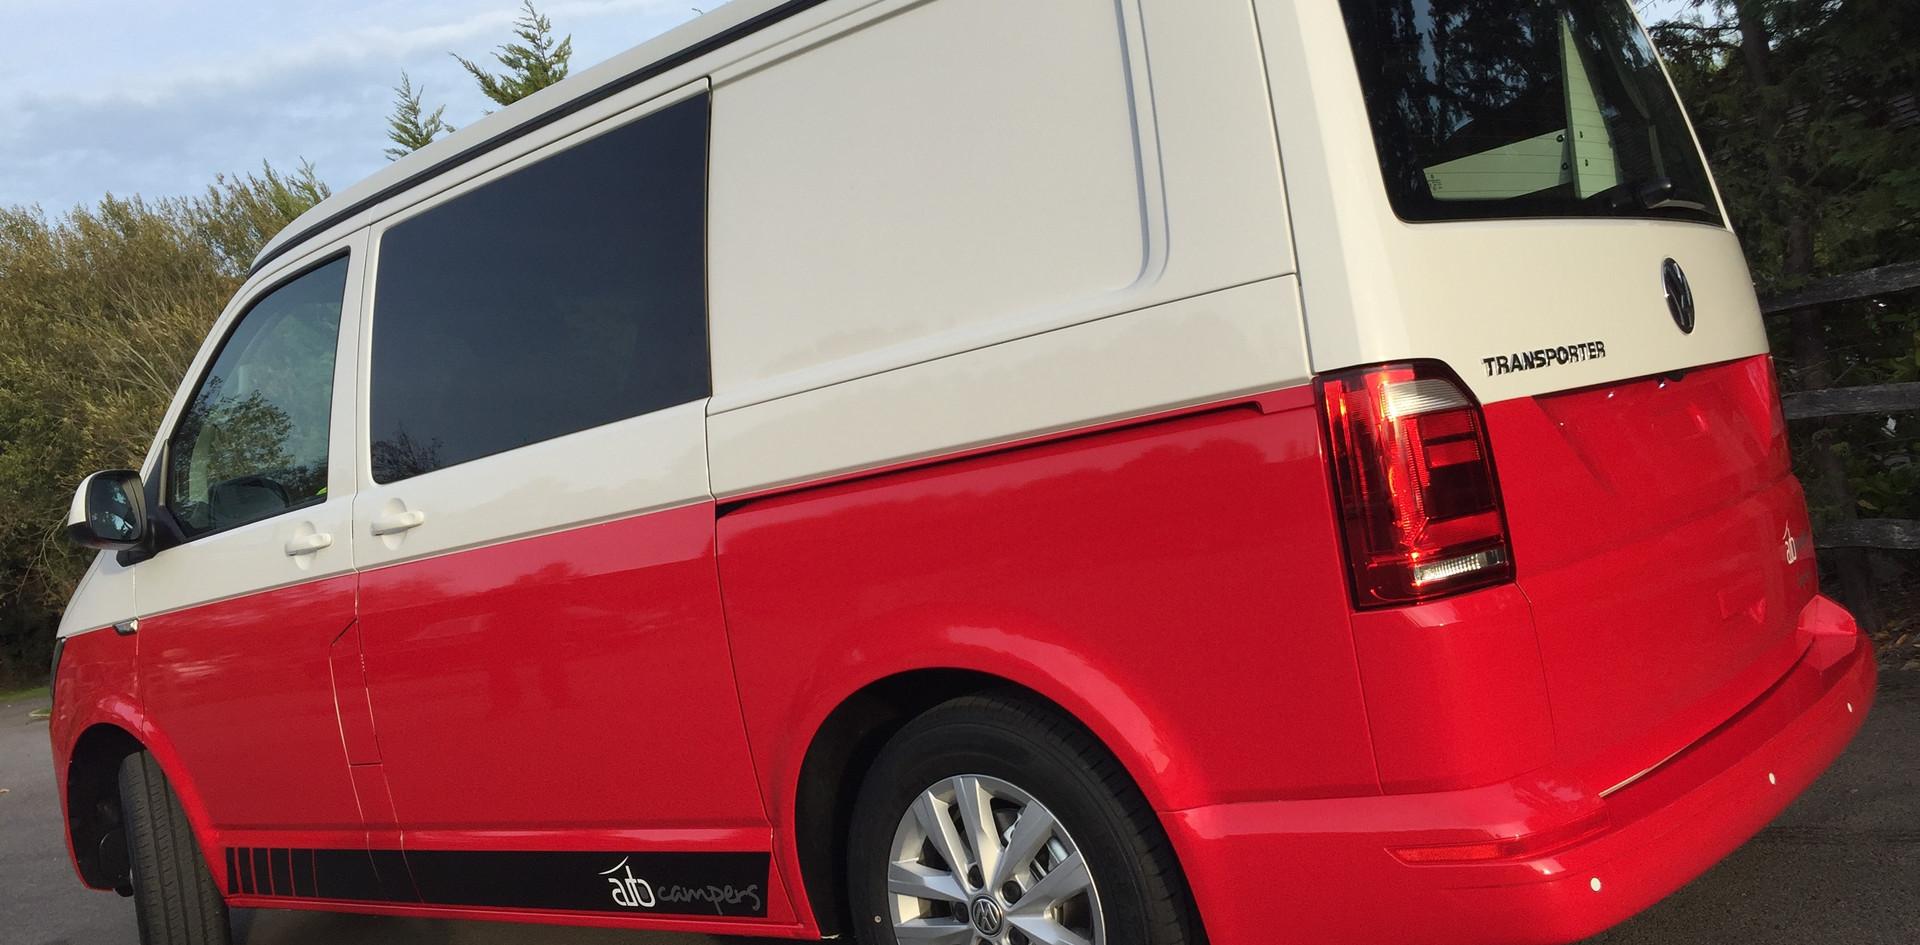 Roy Woods VW Transporter4.jpg